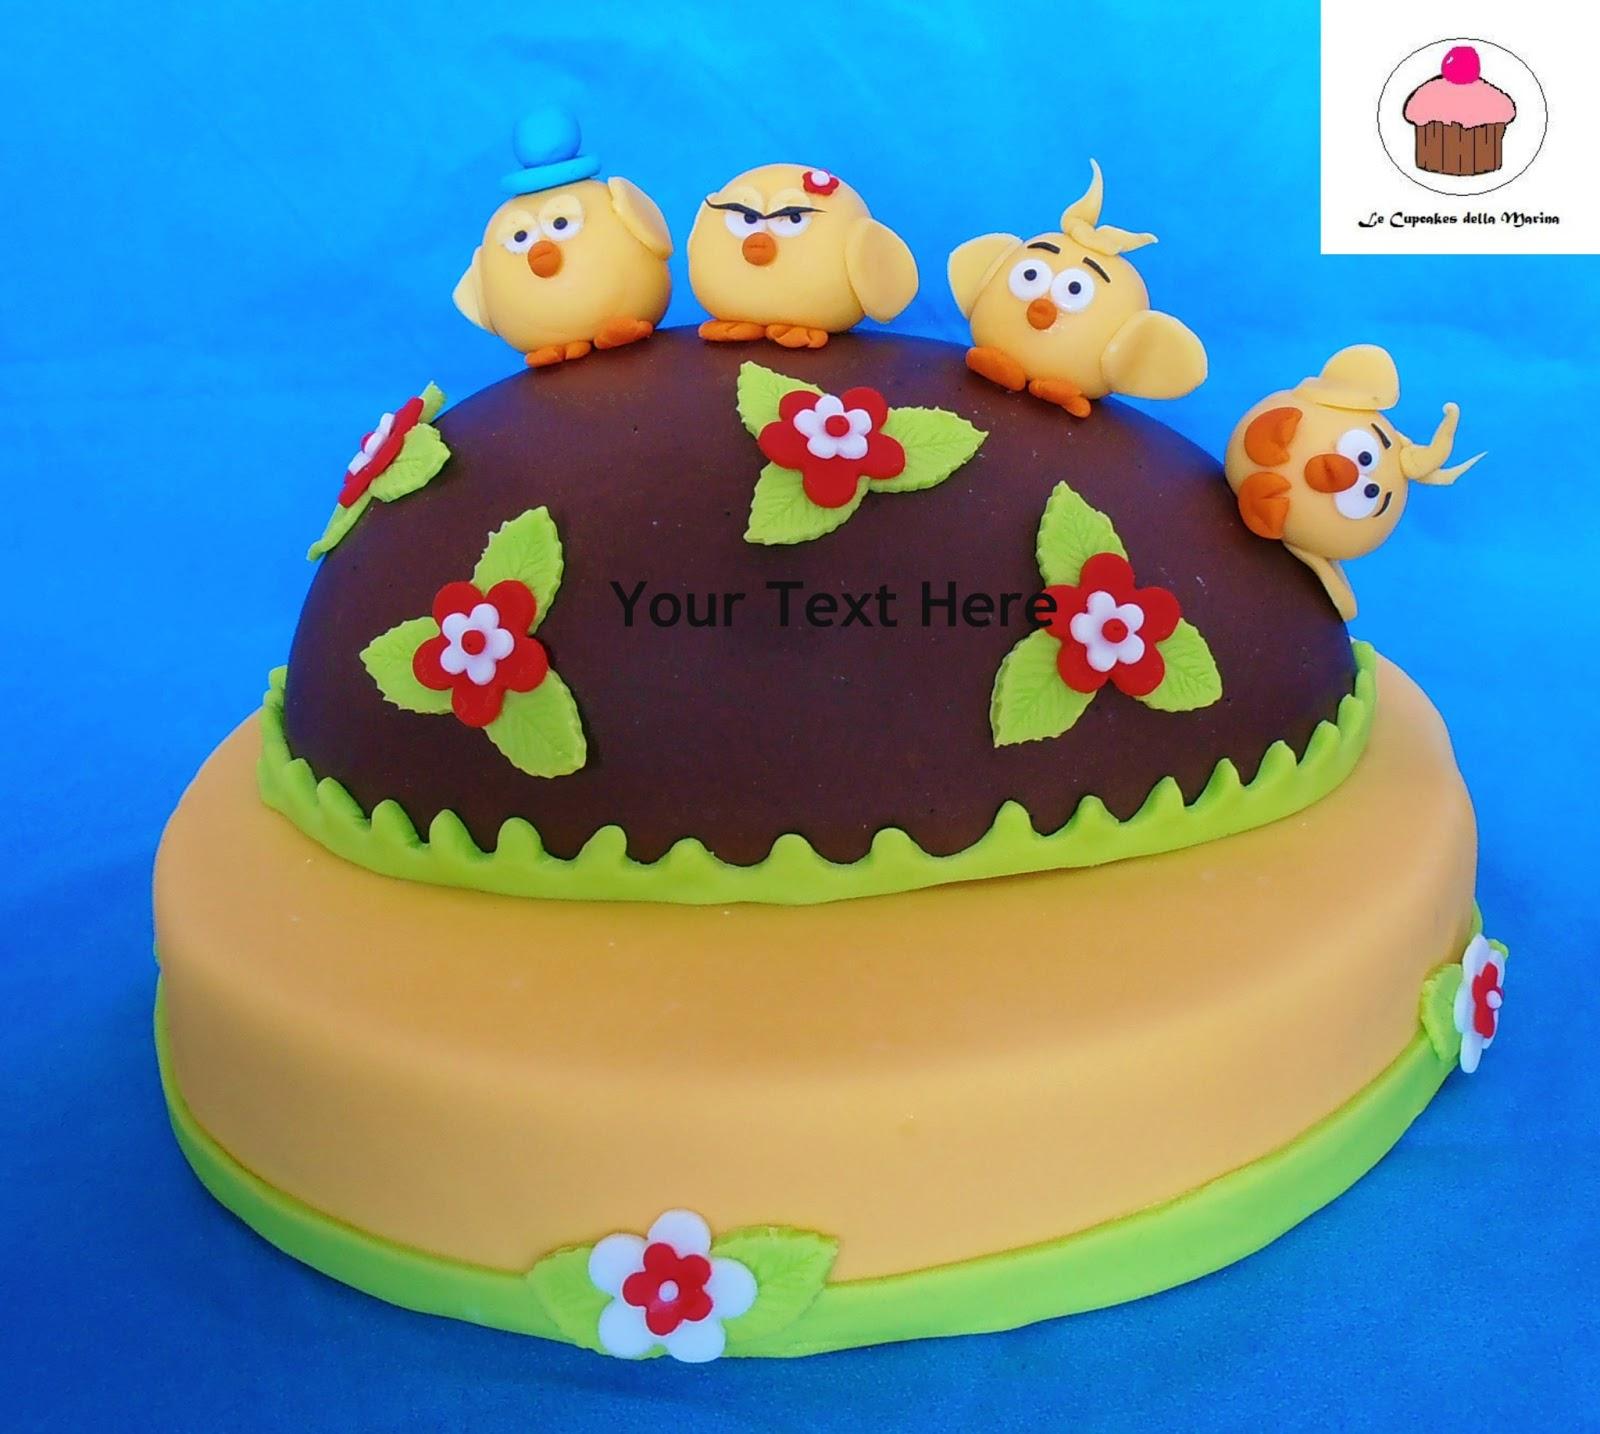 Le Cupcakes della Marina: Corso Cake design Genova 6 marzo ...